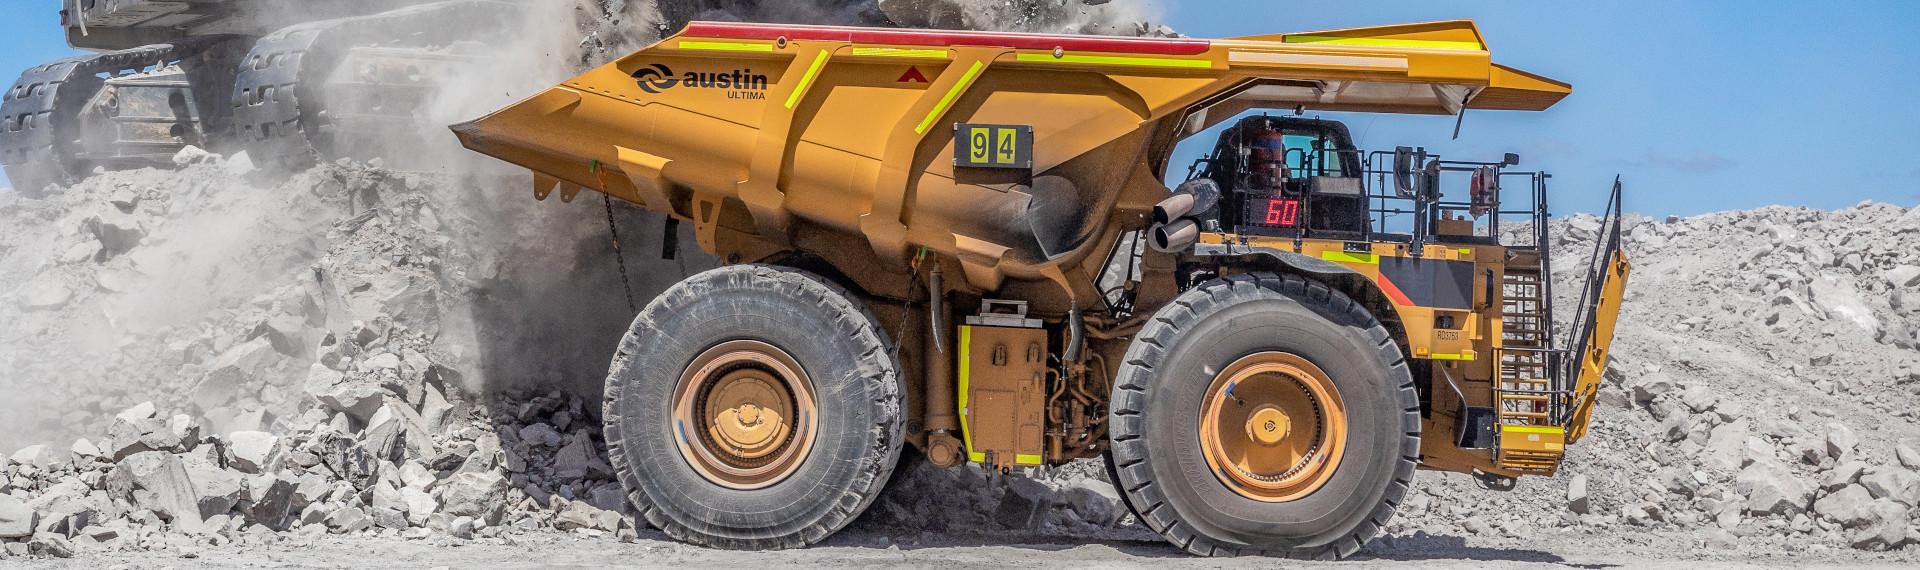 Le gigantesque camion minier d'Austin pèse 25% de moins grâce à Hardox® 500 Tuf